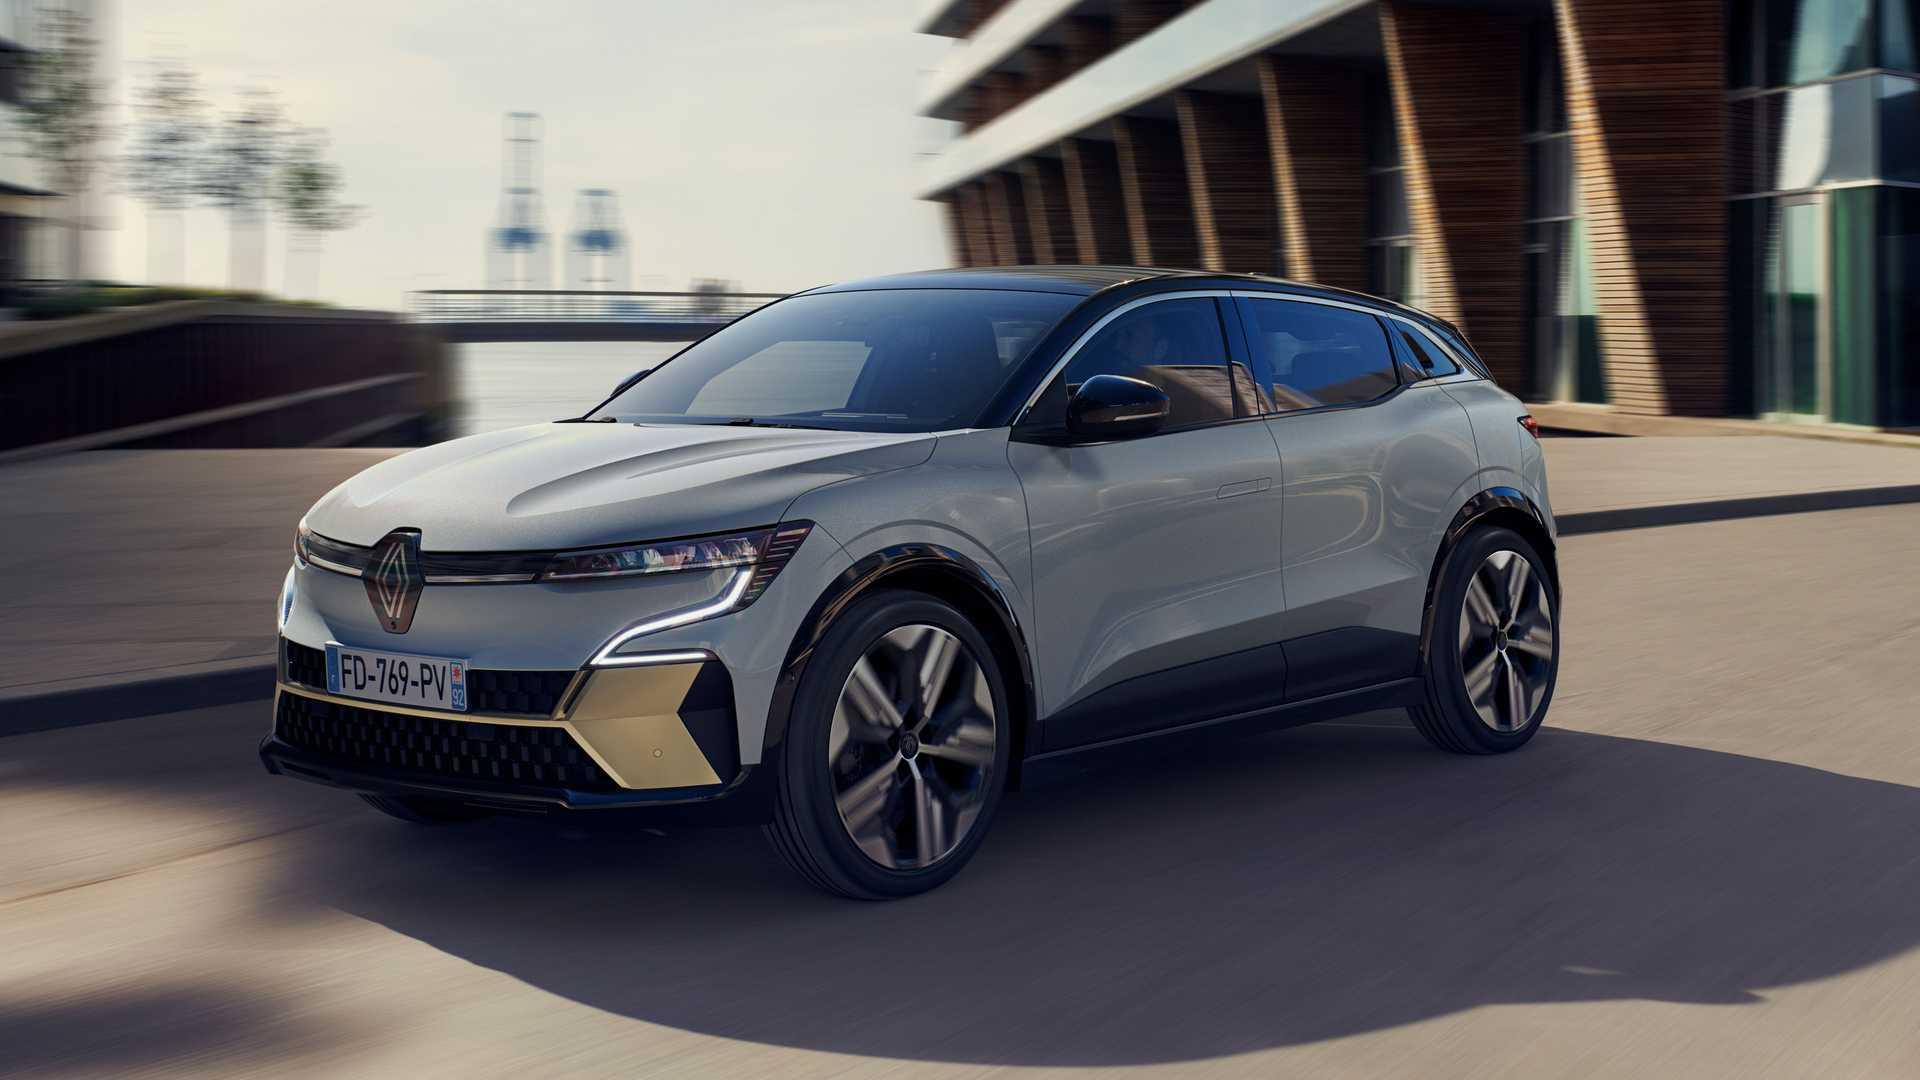 Renault Megane E-Tech elektryczny crossover